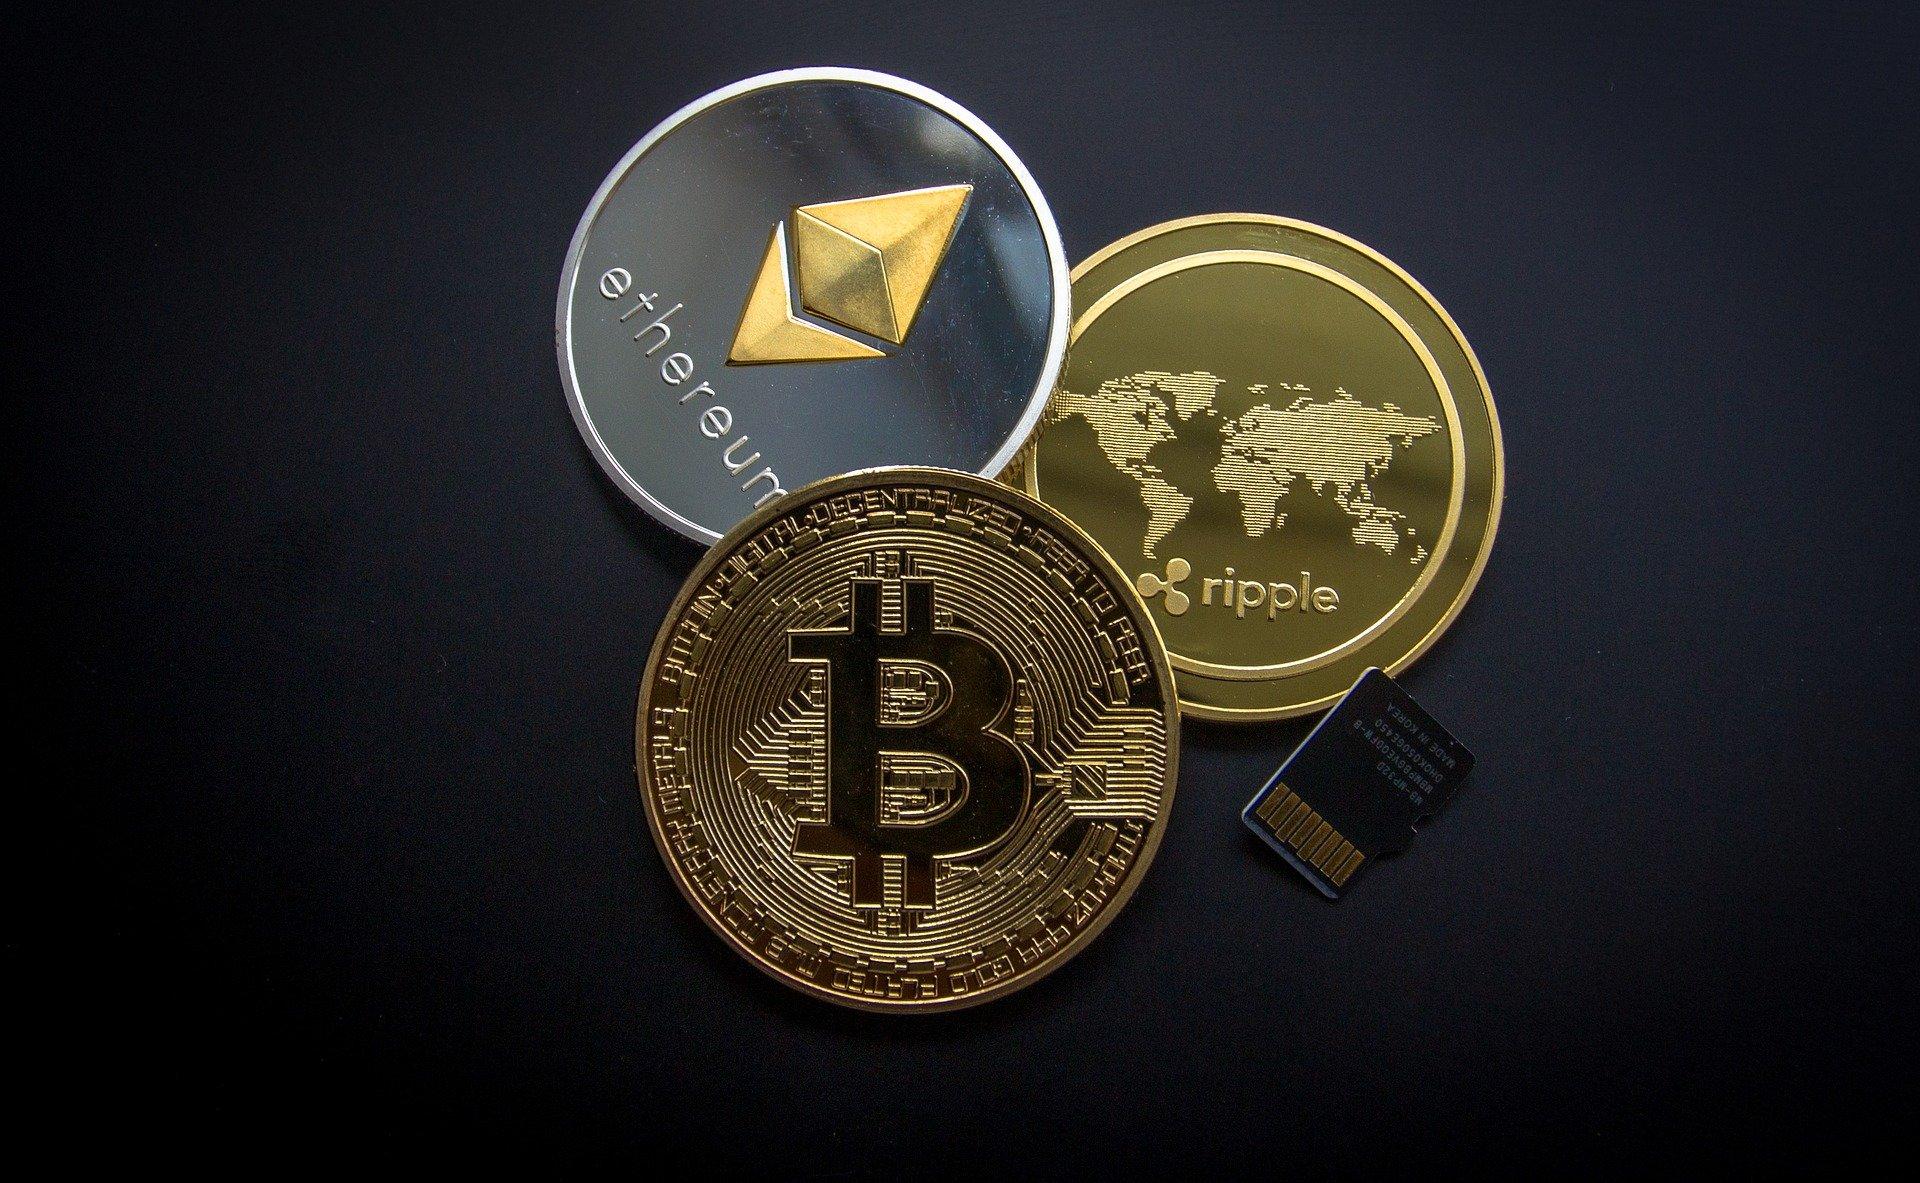 Oro e criptovalute: tokenizzazione dei metalli preziosi / Pixabay